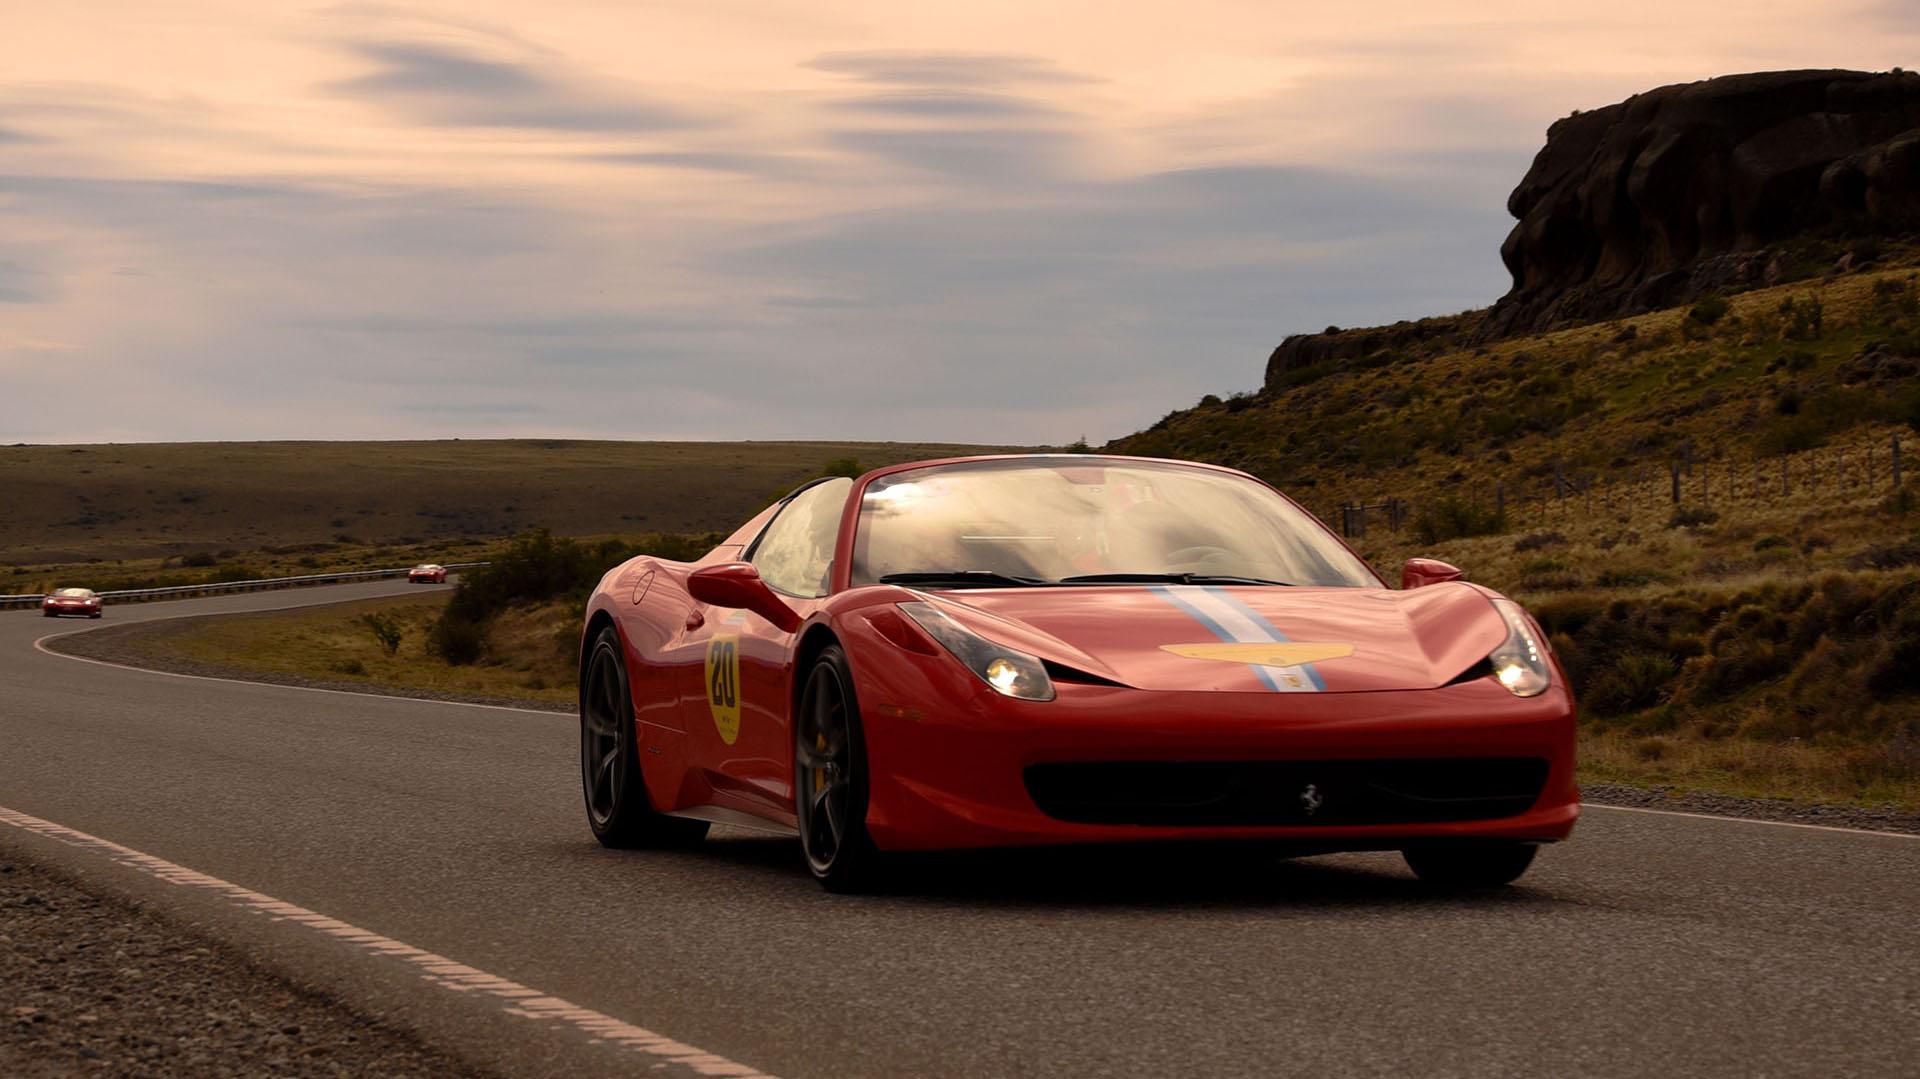 Rally Passione Unica Ferrari Patagonia es un encuentro de fanáticos y propietarios de modelos fabricados en la legendaria fábrica de Maranello. Es la cuarta edición de un rally que comenzó en 2015 y que cada año crece y agrega nuevas rutas